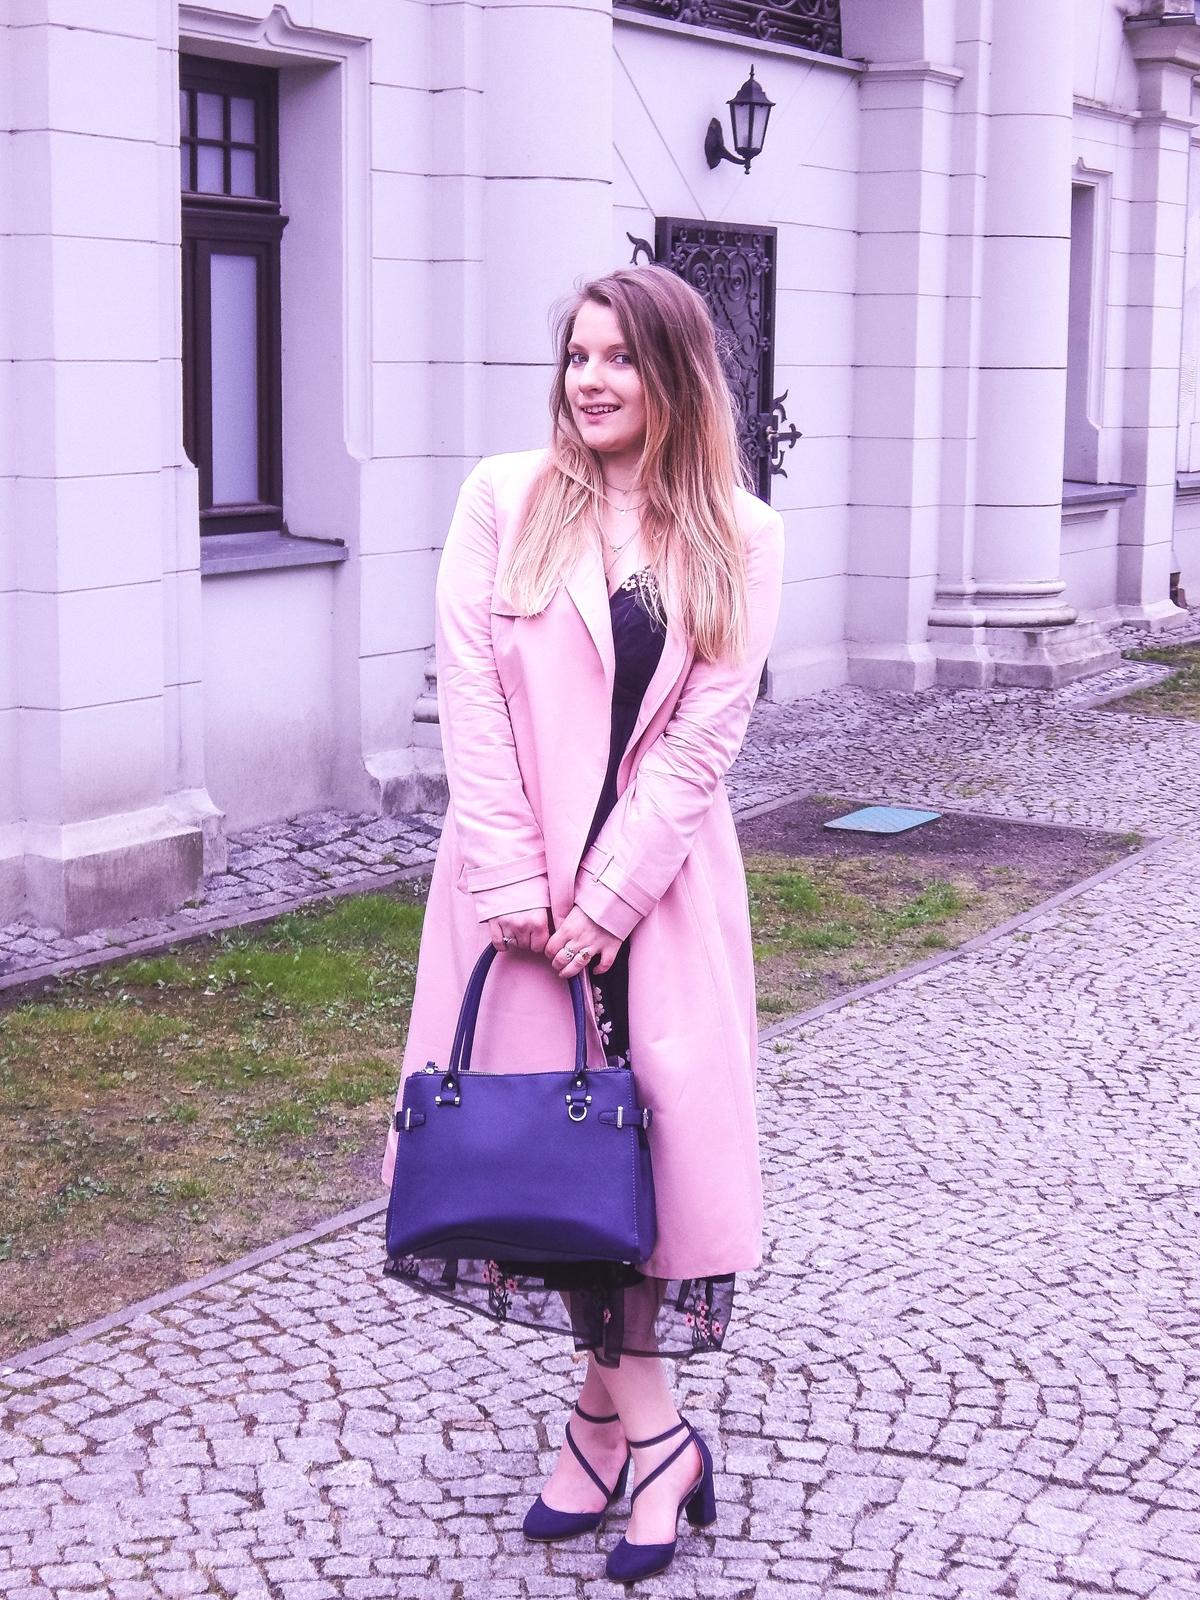 2 orsay trendy wiosna 2018 nowa kolekcja moda fashion blog blogerki modowe łódź z łodzi łódzkie melodylaniella fashion instagram sukienka na wesele różowy płaszcz granatowe pantofle total look